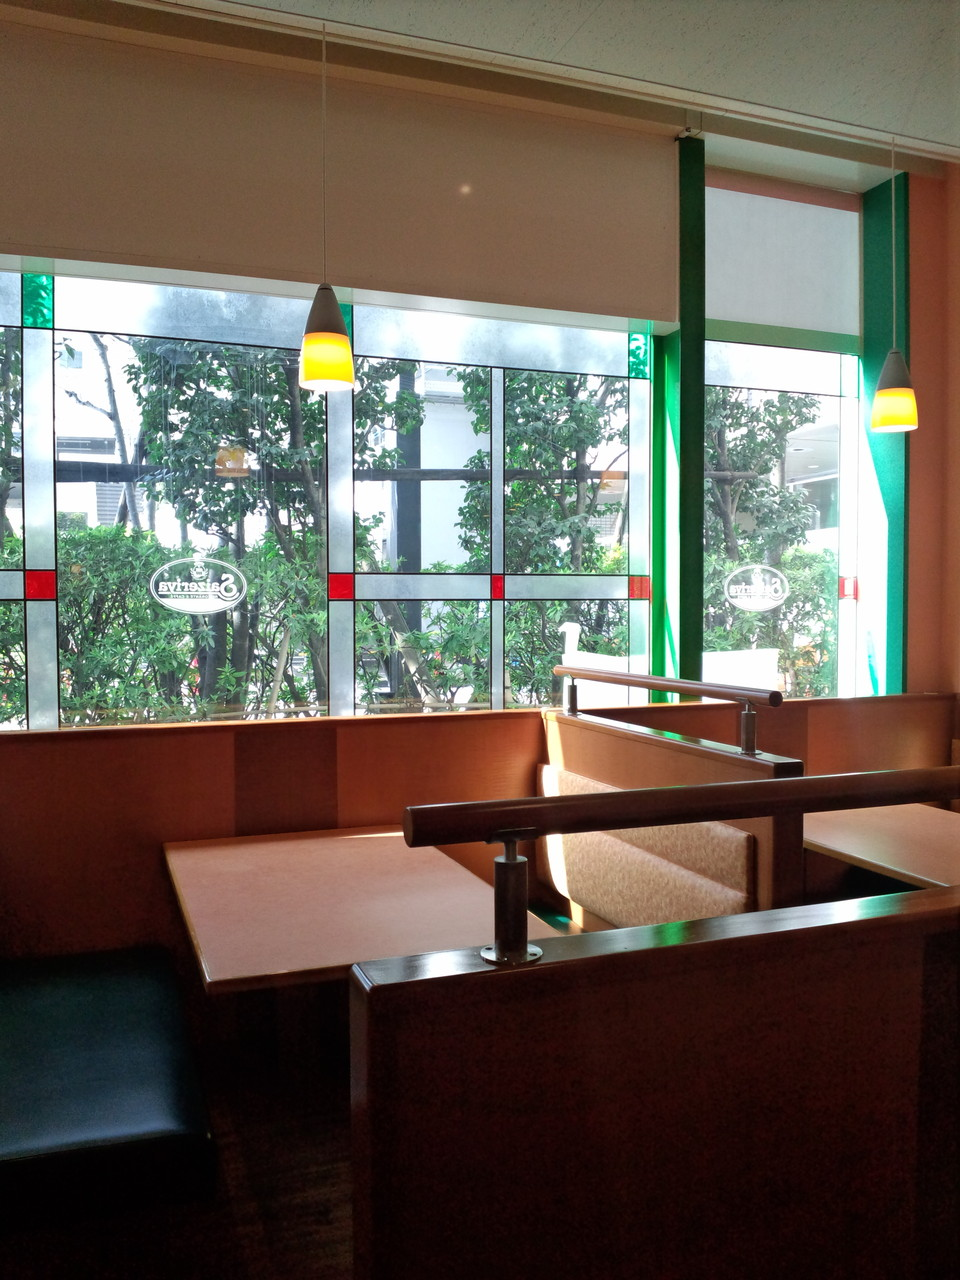 ファミリーレストランのウインドウに装飾フィルムやシートを施工した例